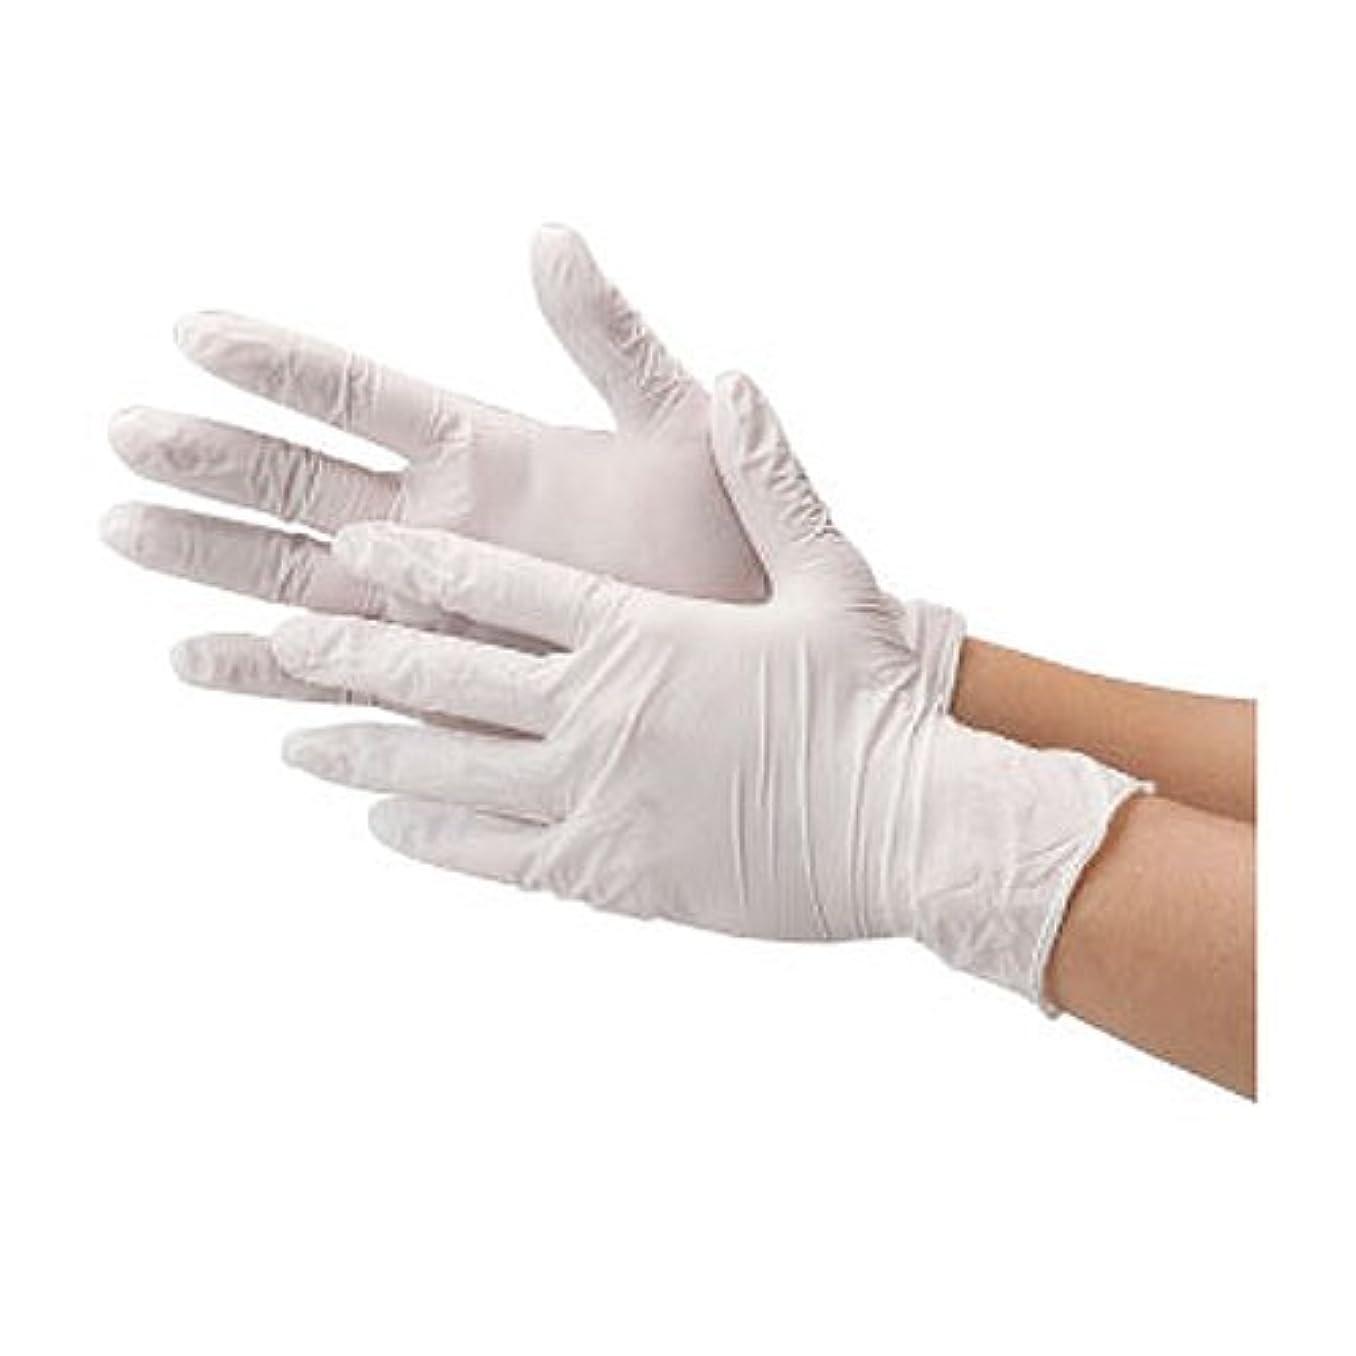 誰でも流出栄光川西工業 ニトリル 使いきり手袋 ストロング 粉無 100枚入り 2037 ホワイトS